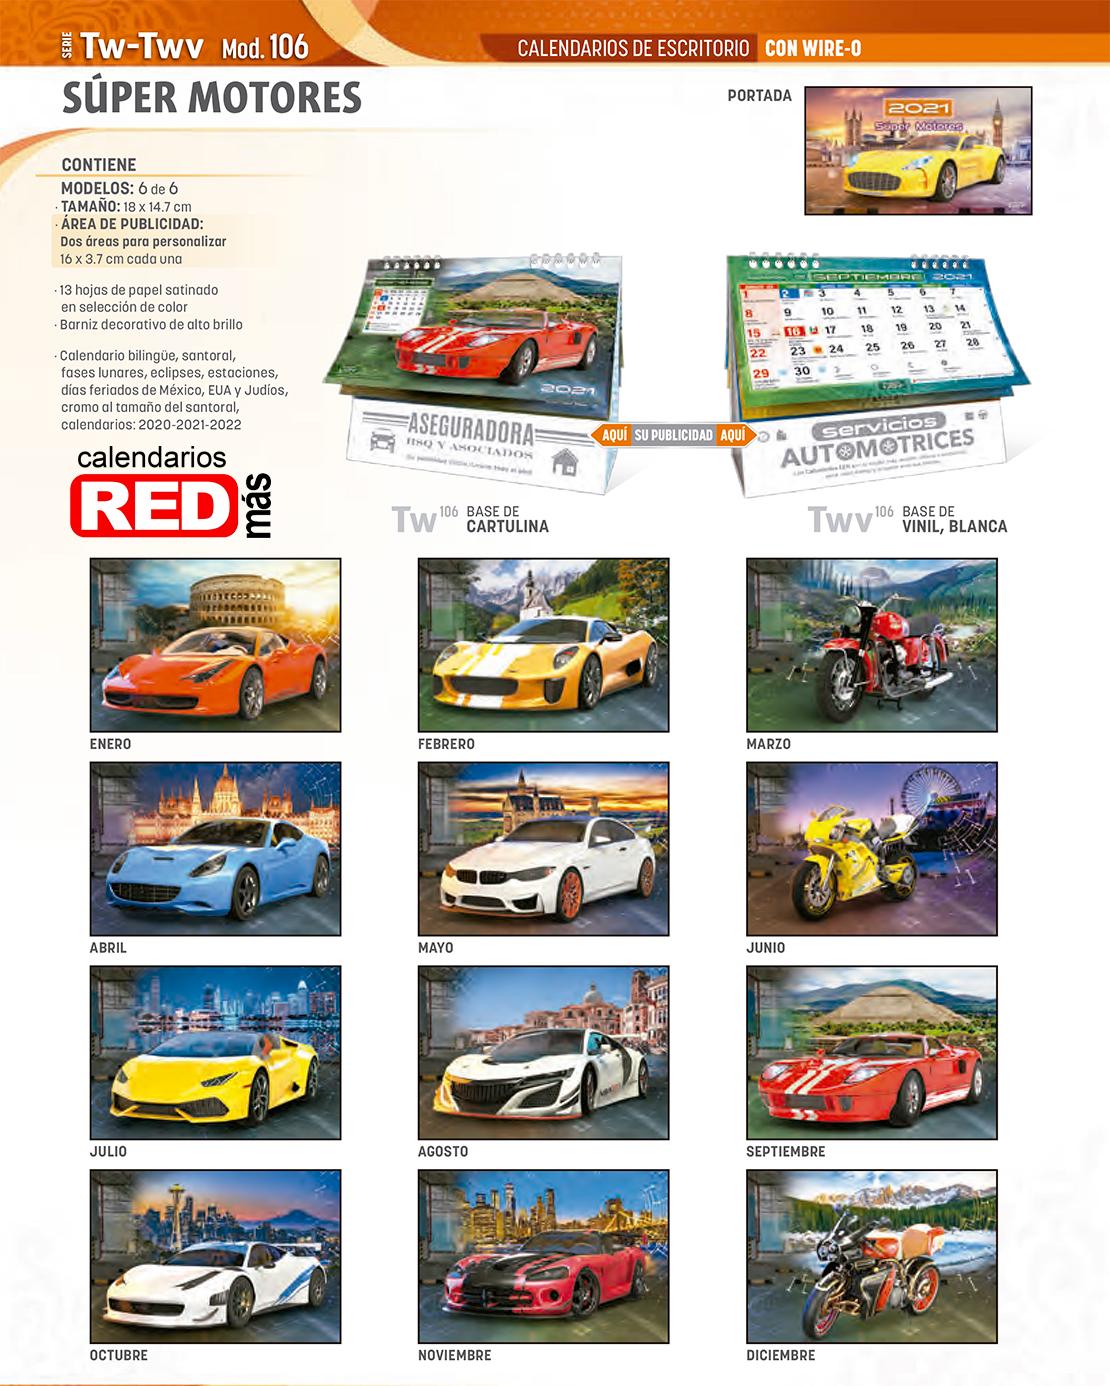 calendarios-len-2020-calendarios-red-calendarios-2020-Twv_007.jpg